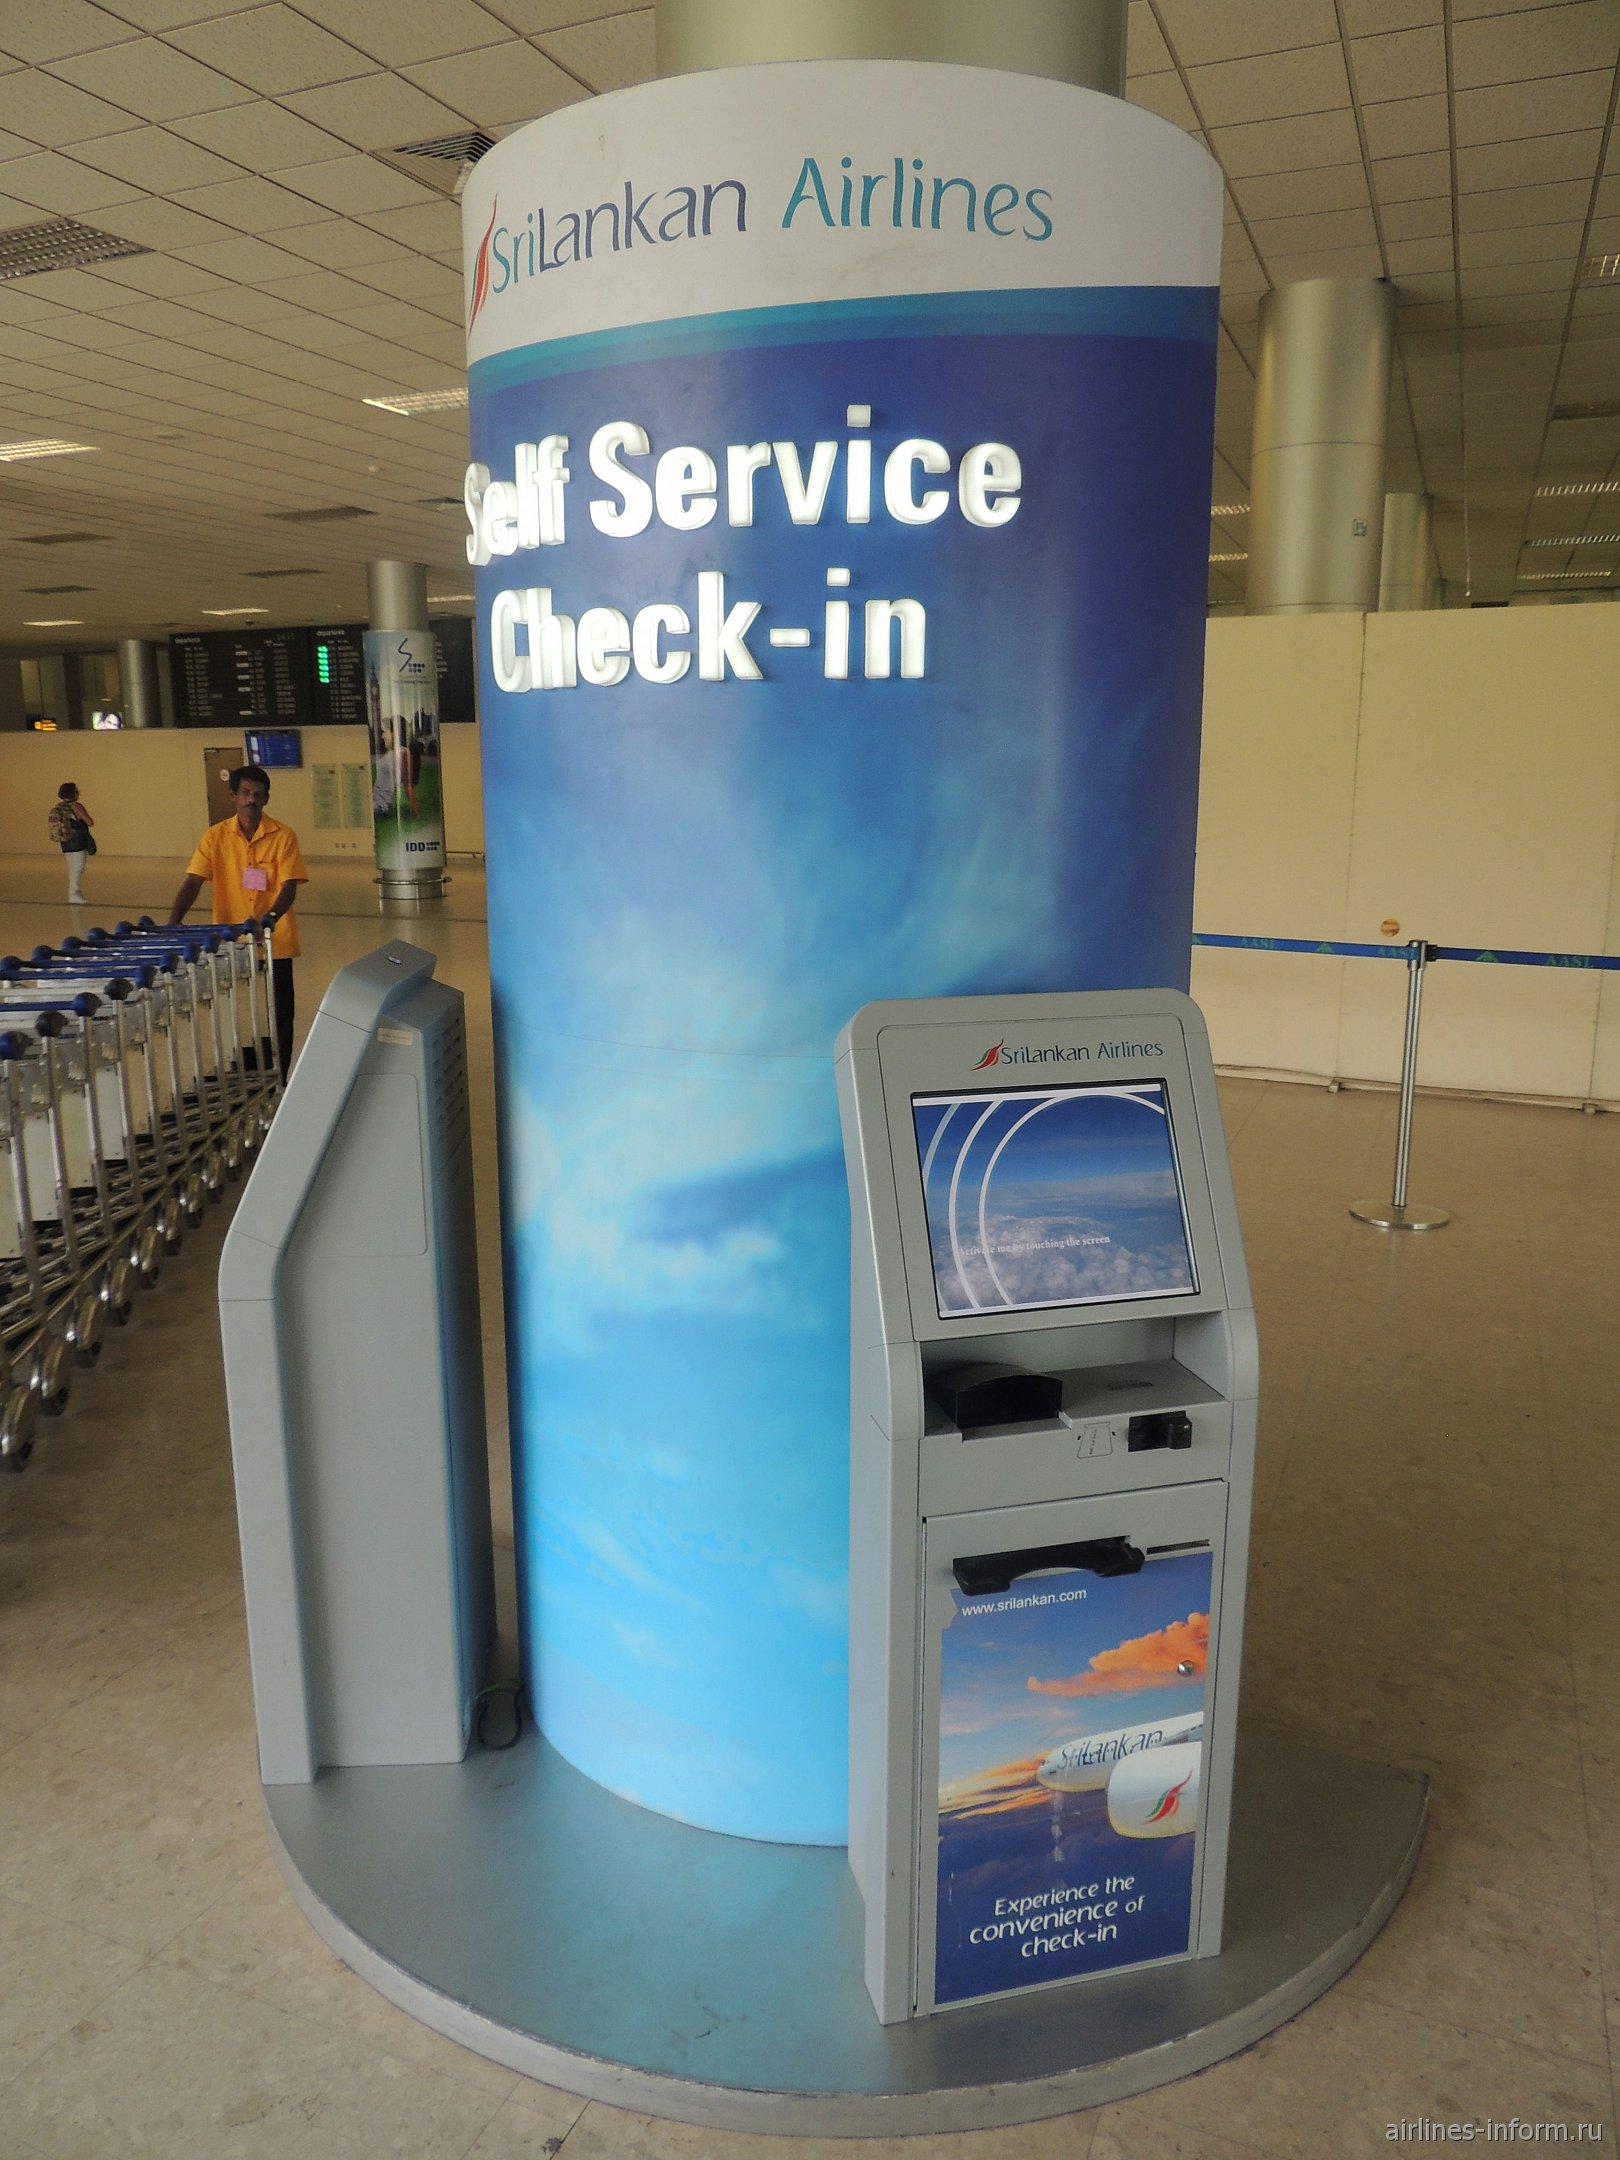 Киоск саморегистрации SriLankan Airlines в аэропорту Коломбо